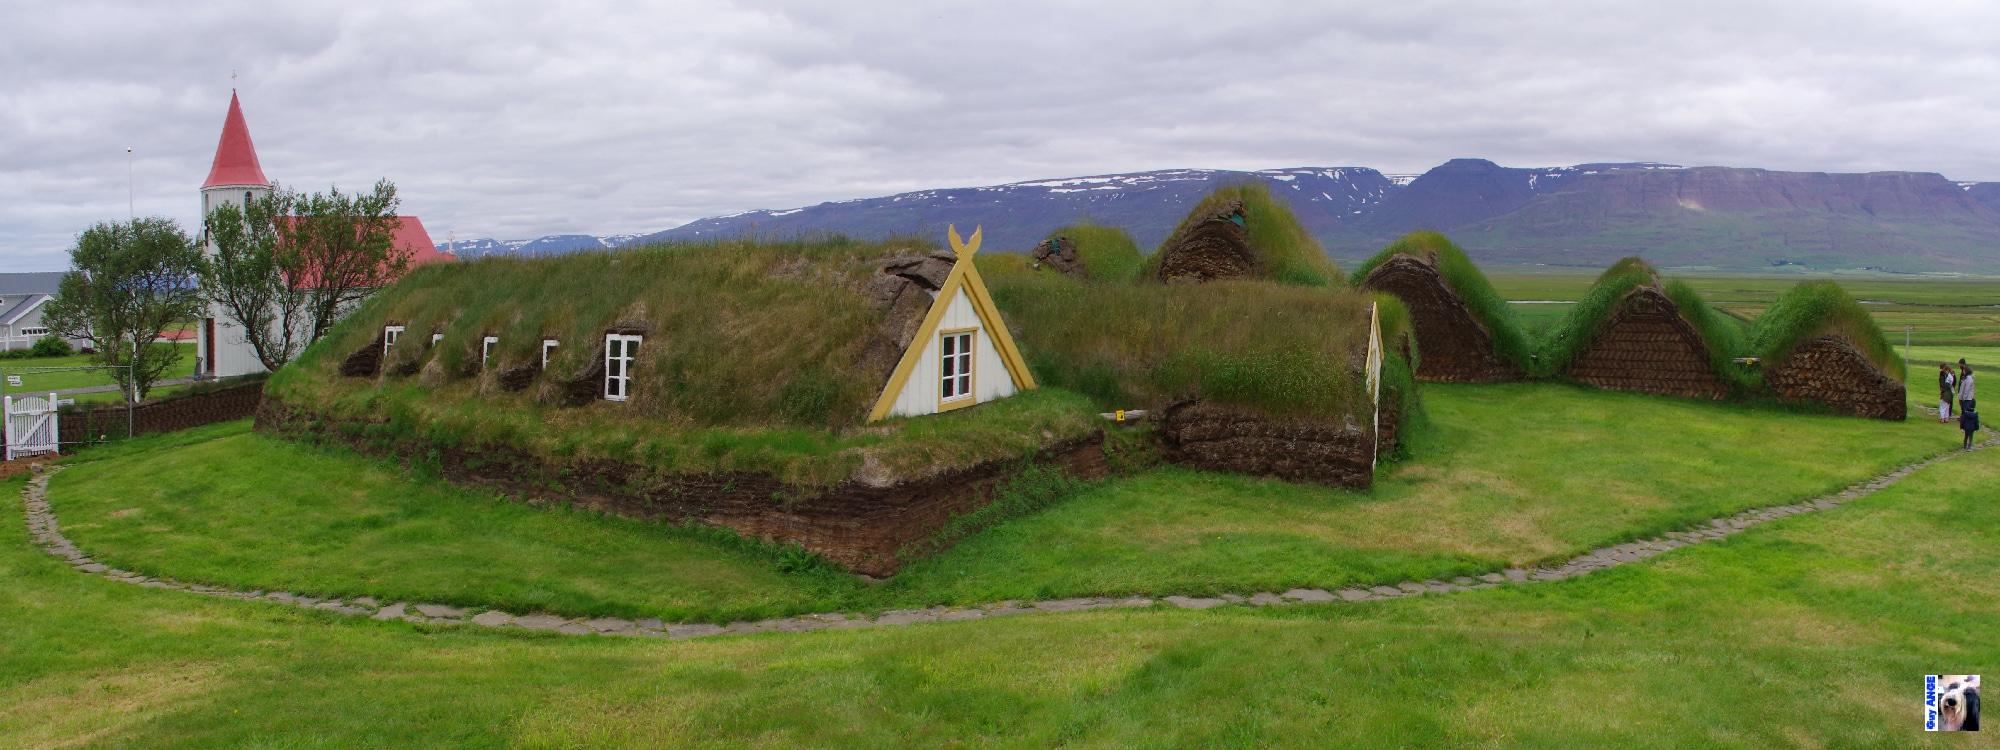 Une antique ferme aux murs de tourbe.